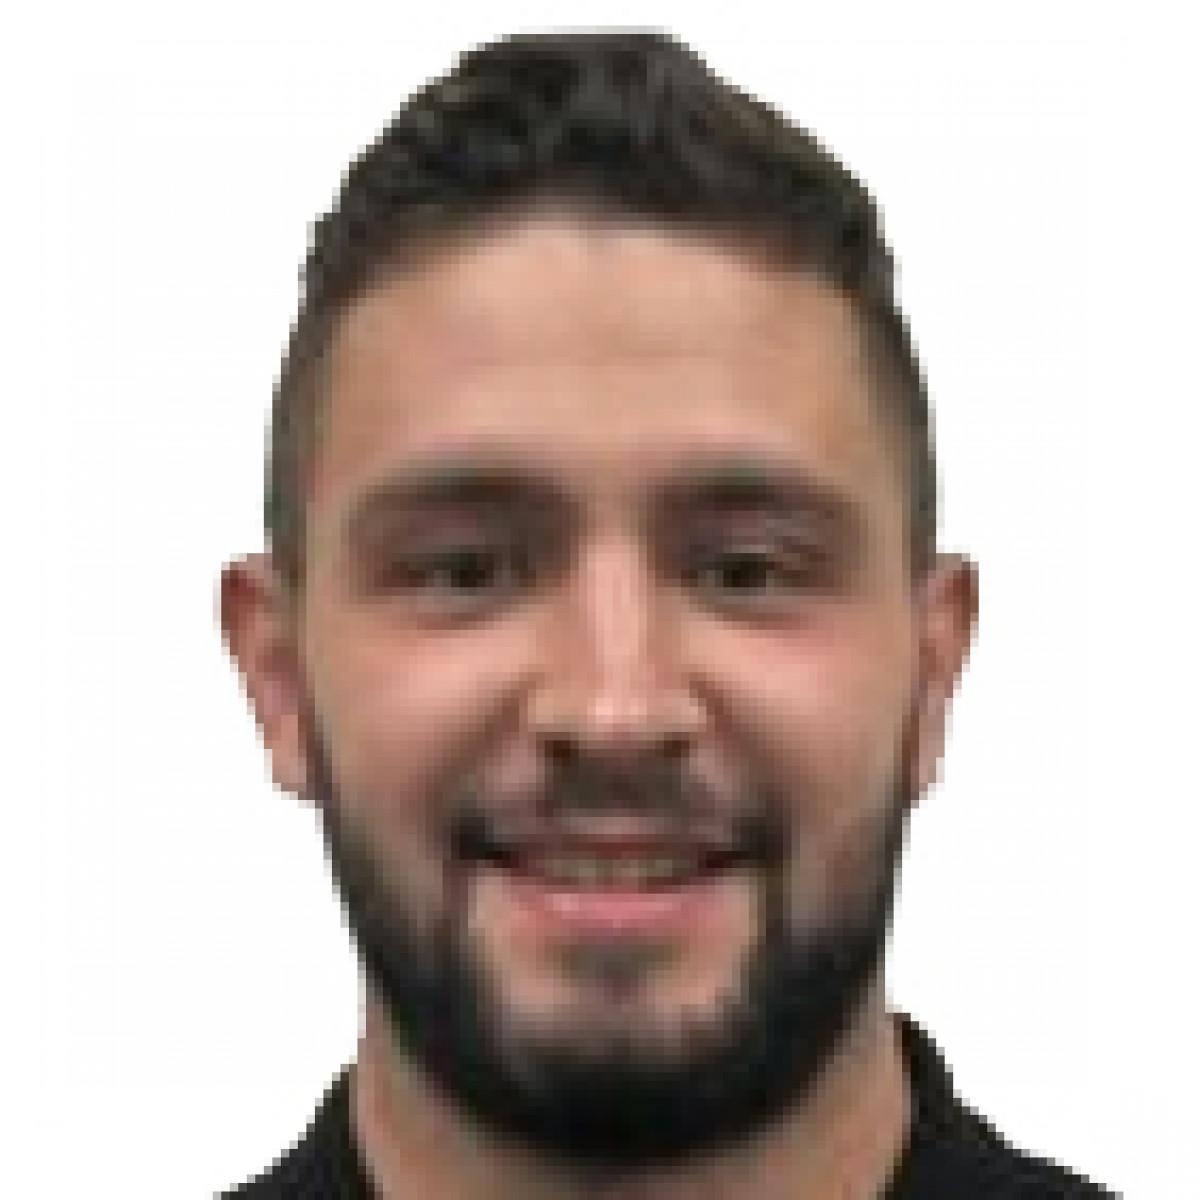 Daniel Astilleros